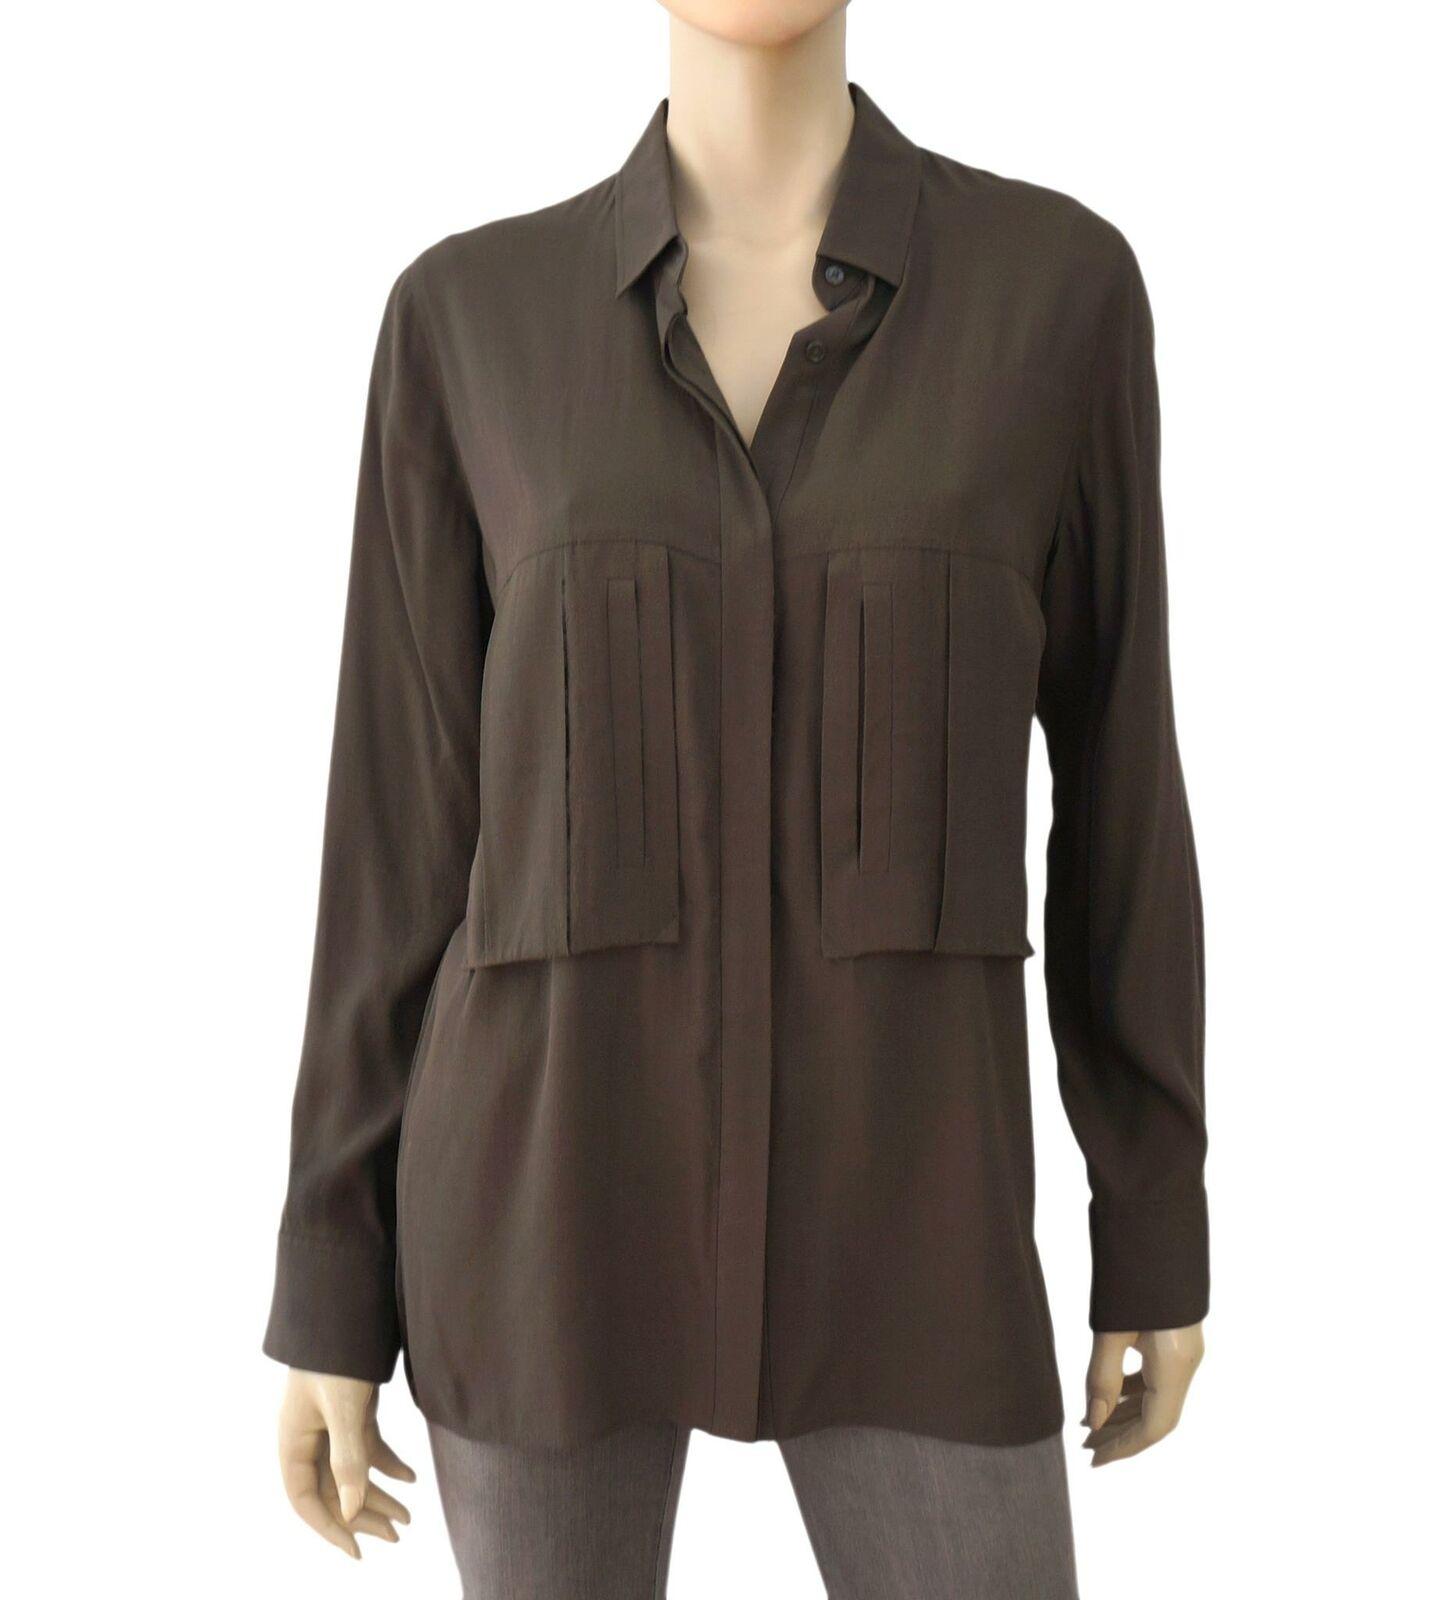 IRO Olive Grün Silk Crepe Ribbon Panel Blouse Shirt 42 US 10